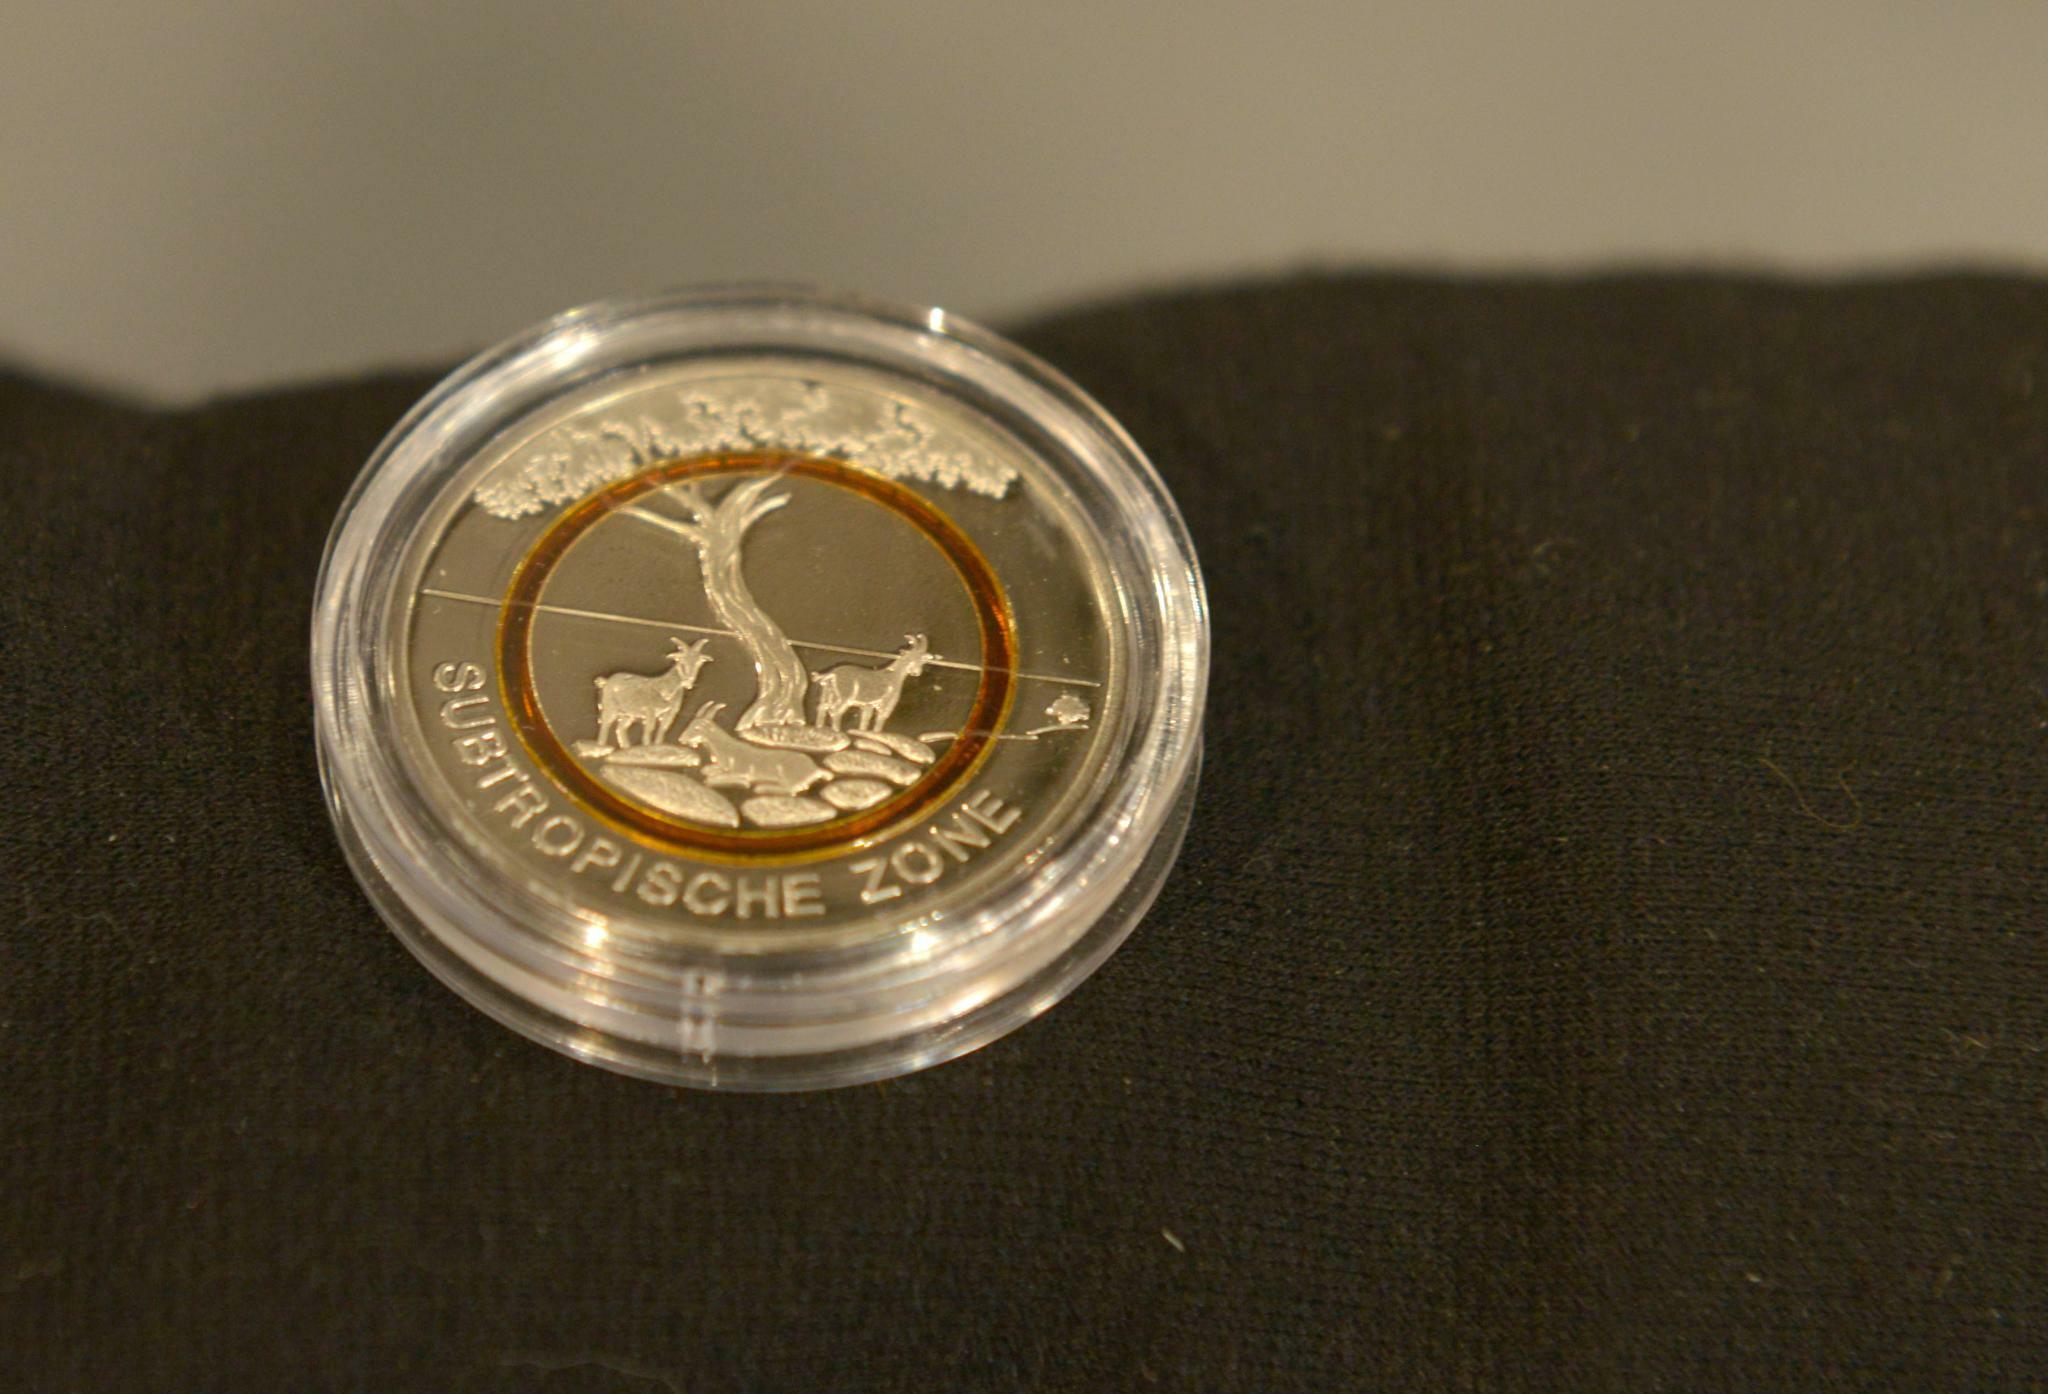 5 Euro Münze Neue Sammlermünze Subtropische Zone